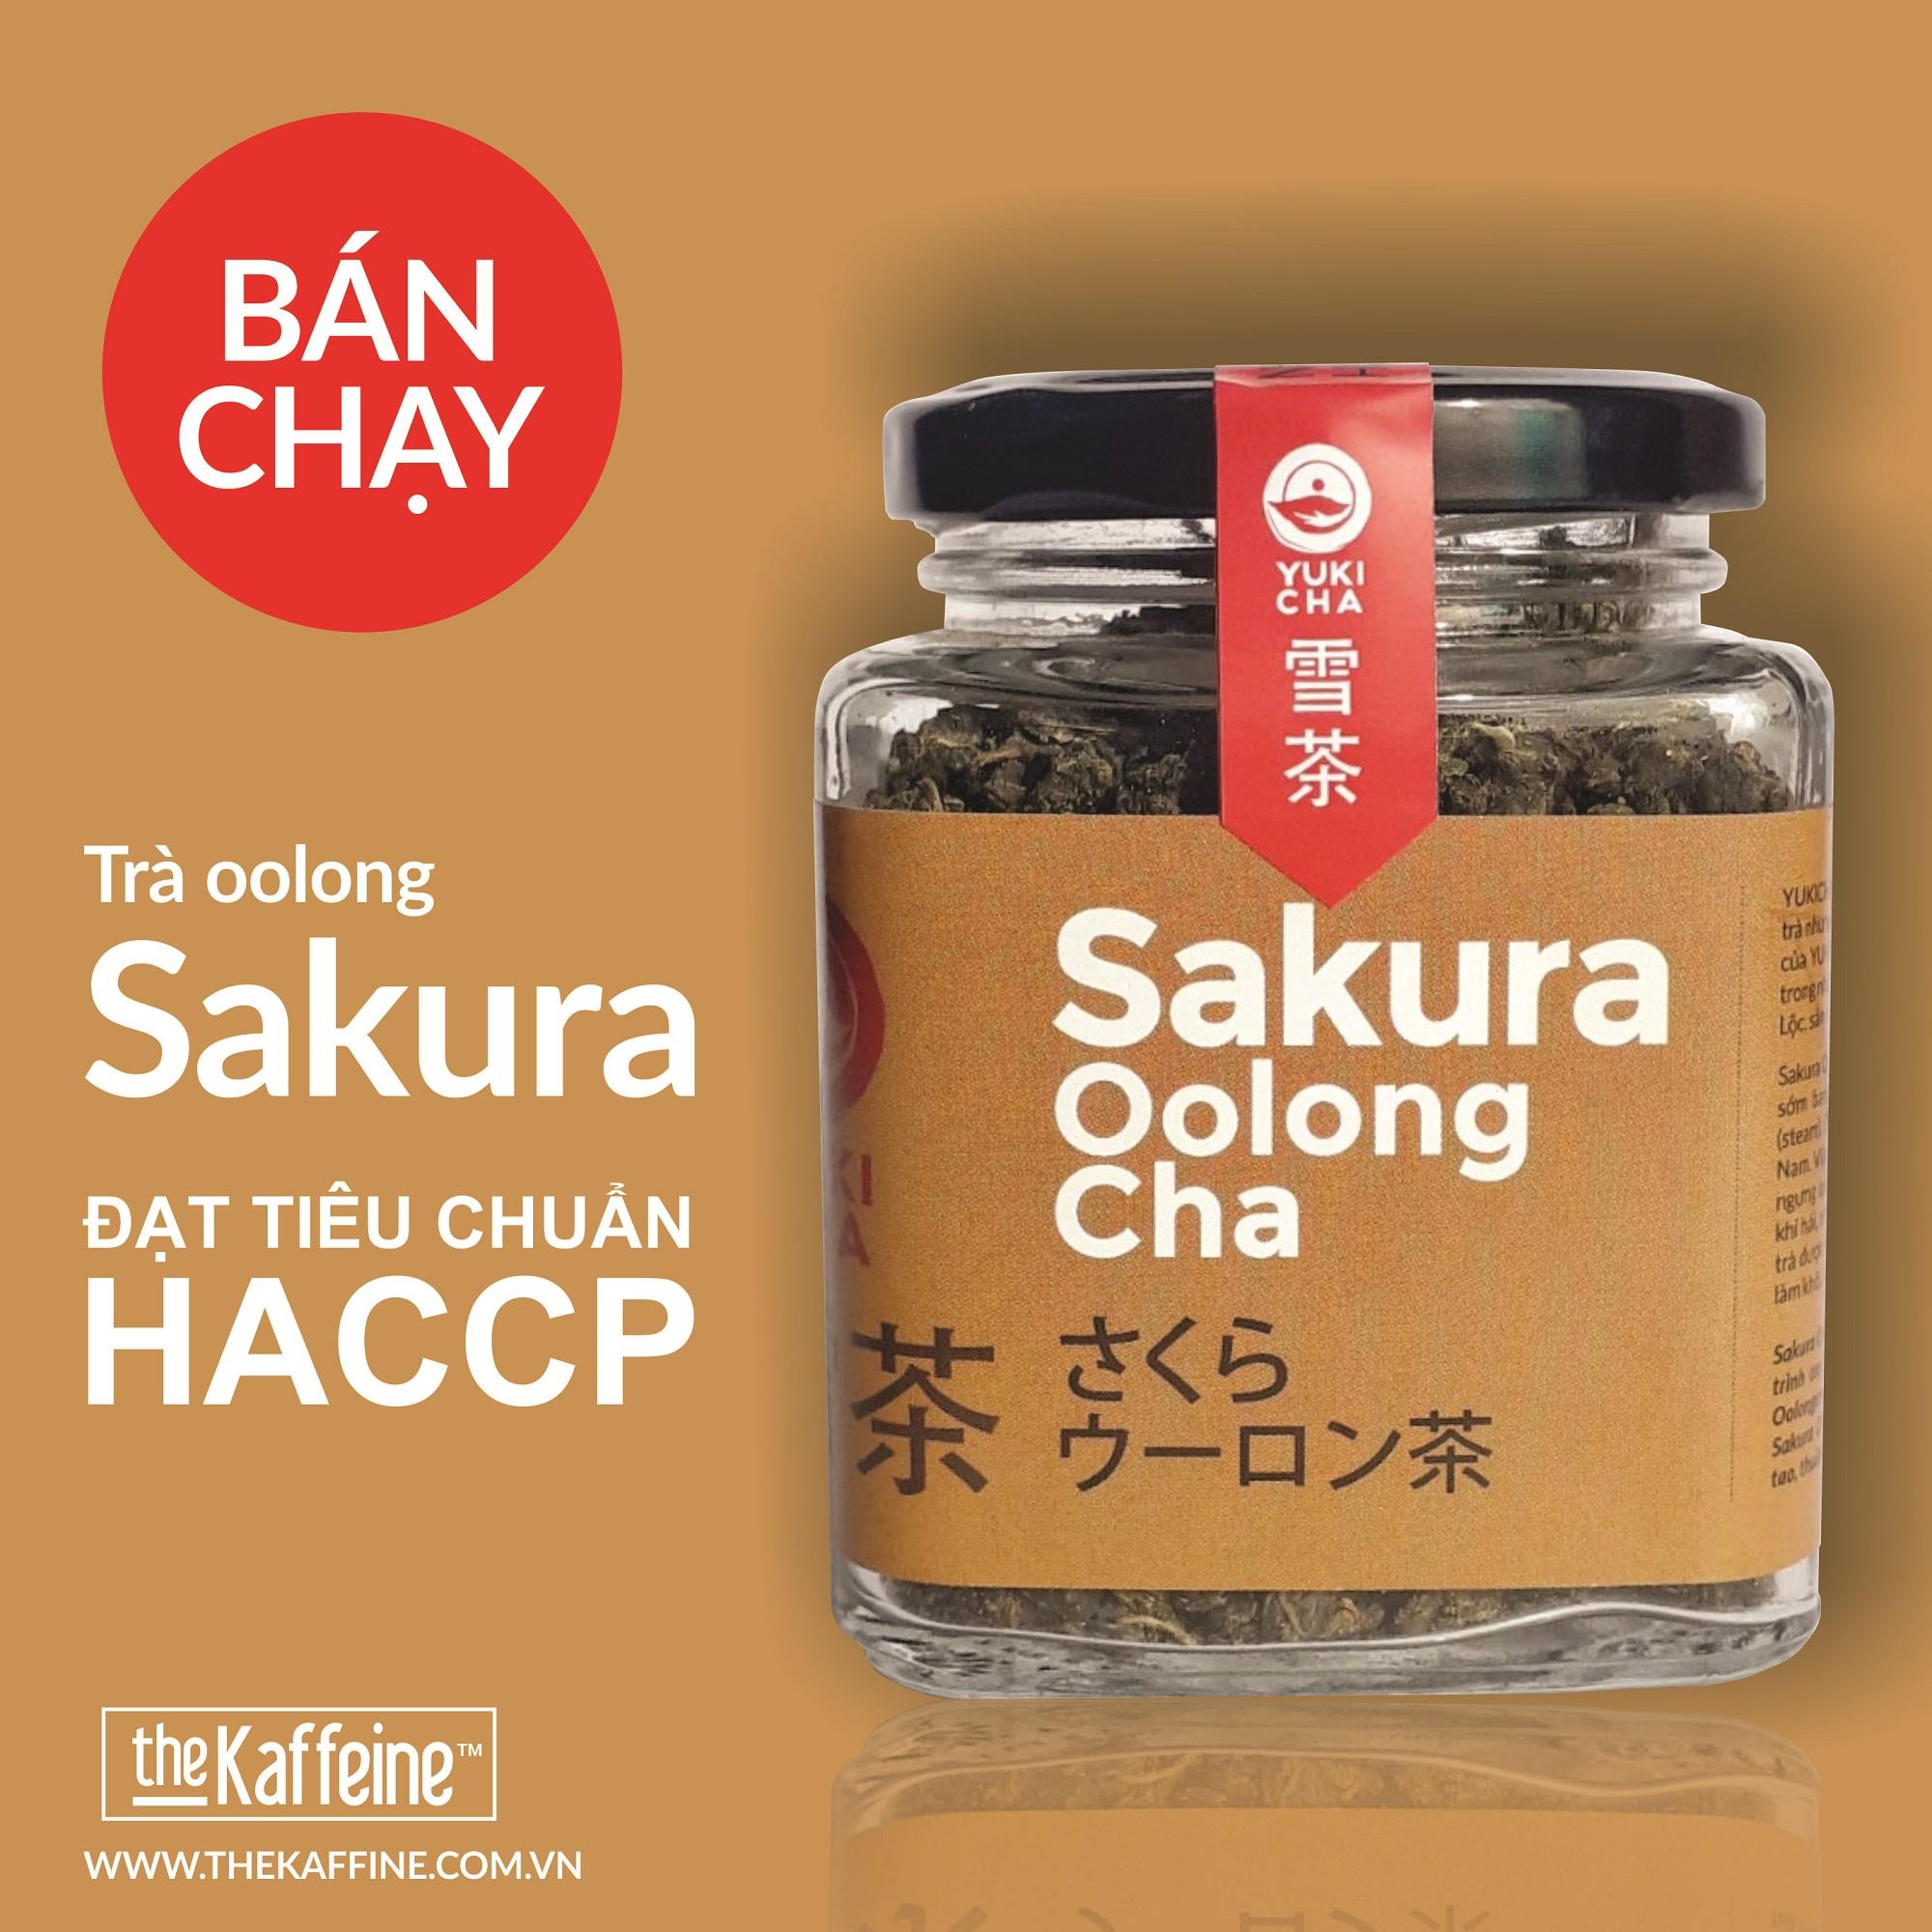 Trà Olong Sakura Thượng Hạng 100gram - Trà Oolong của The Kaffeine Coffee